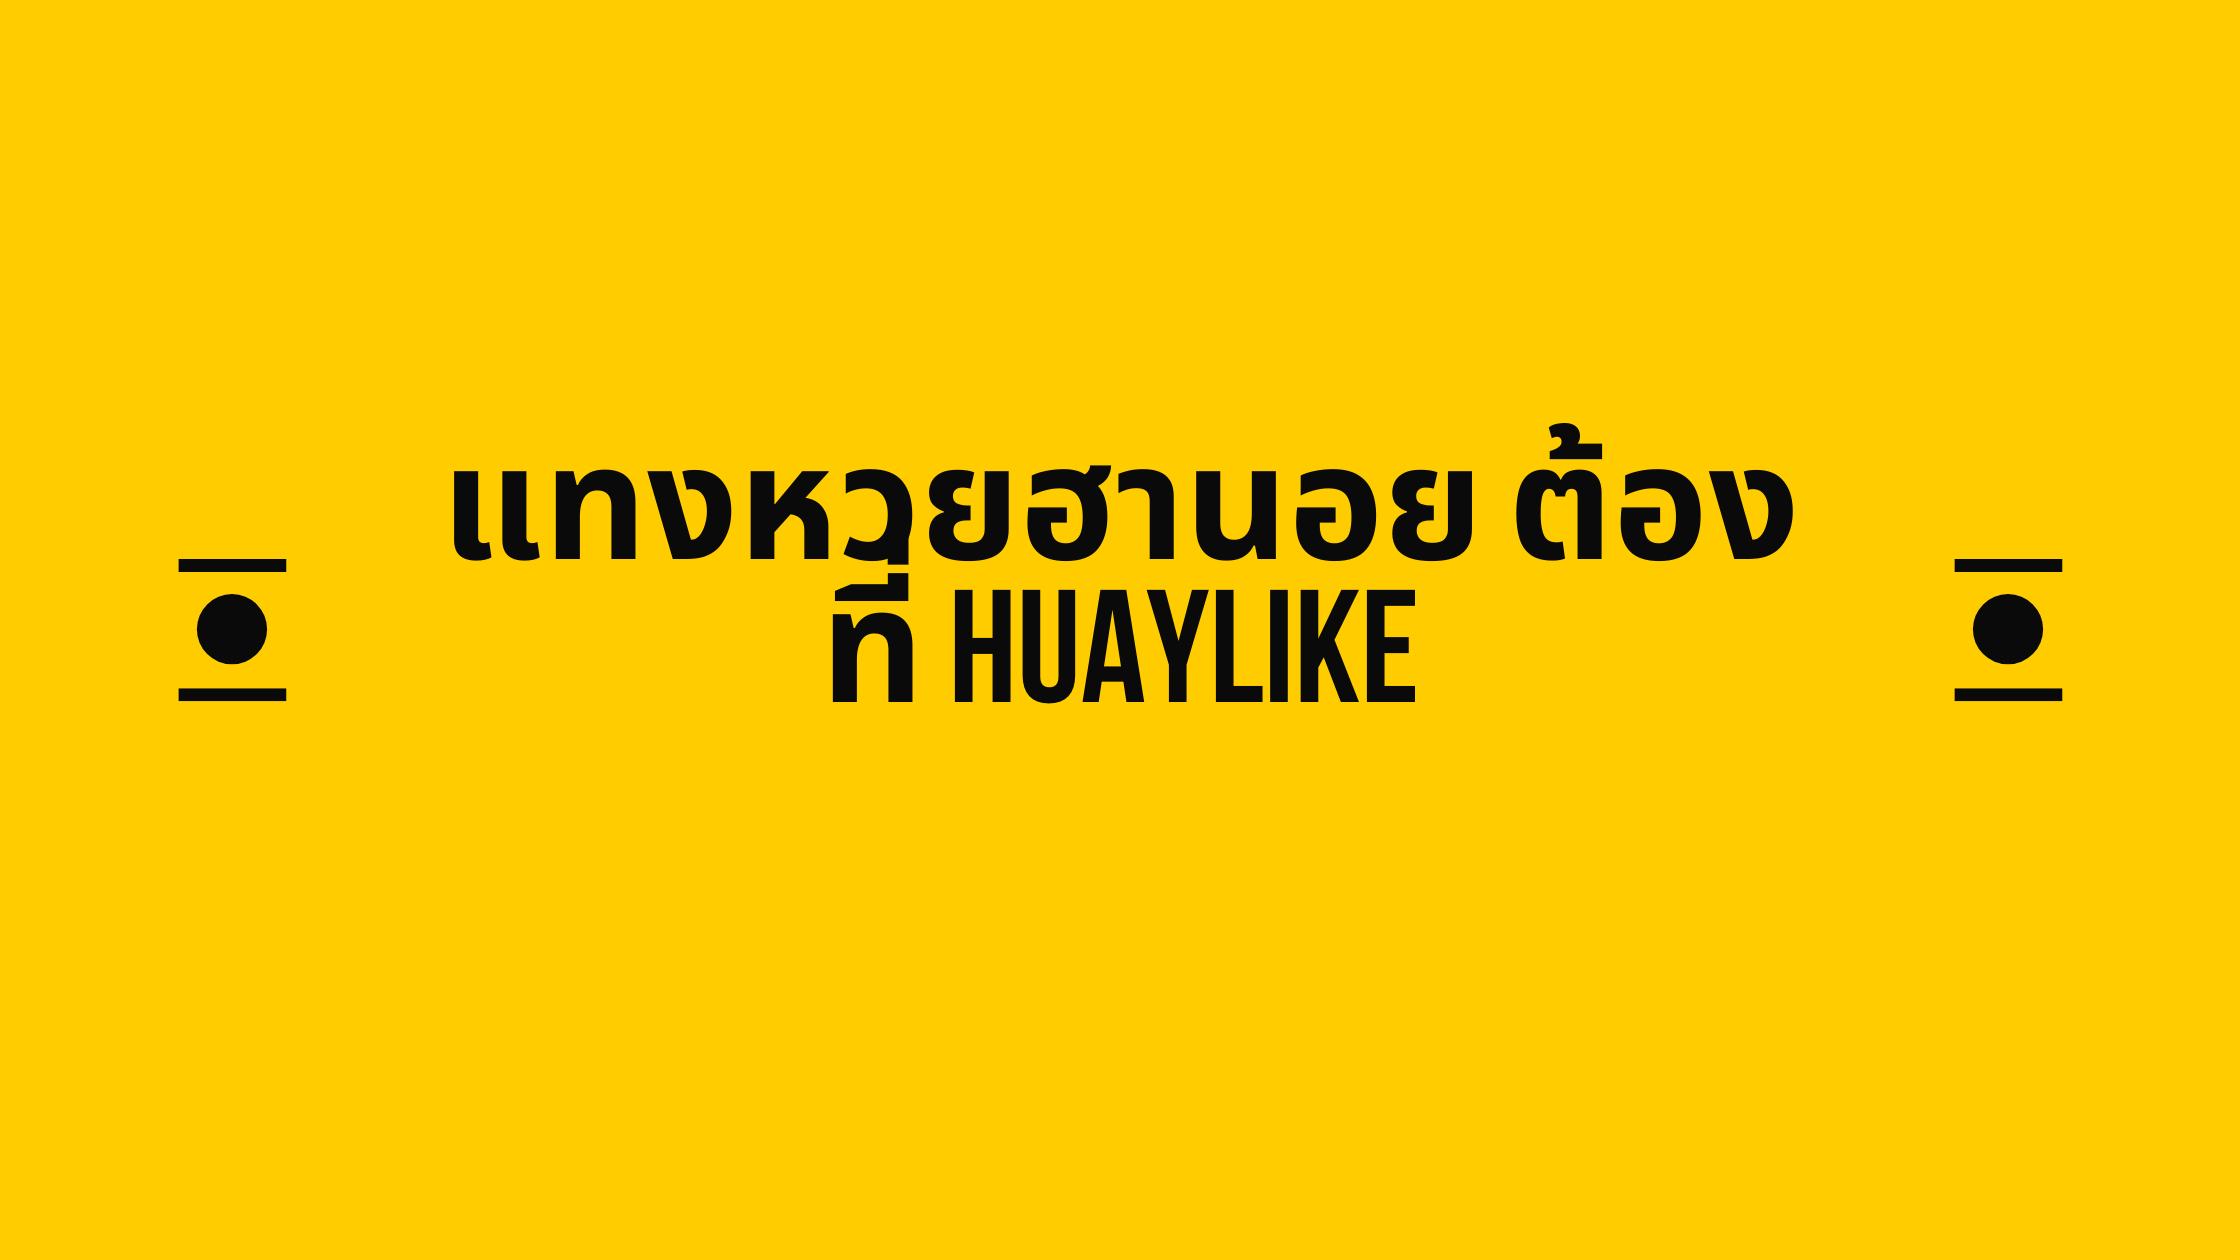 แทงหวยฮานอย ต้องที่ huaylike